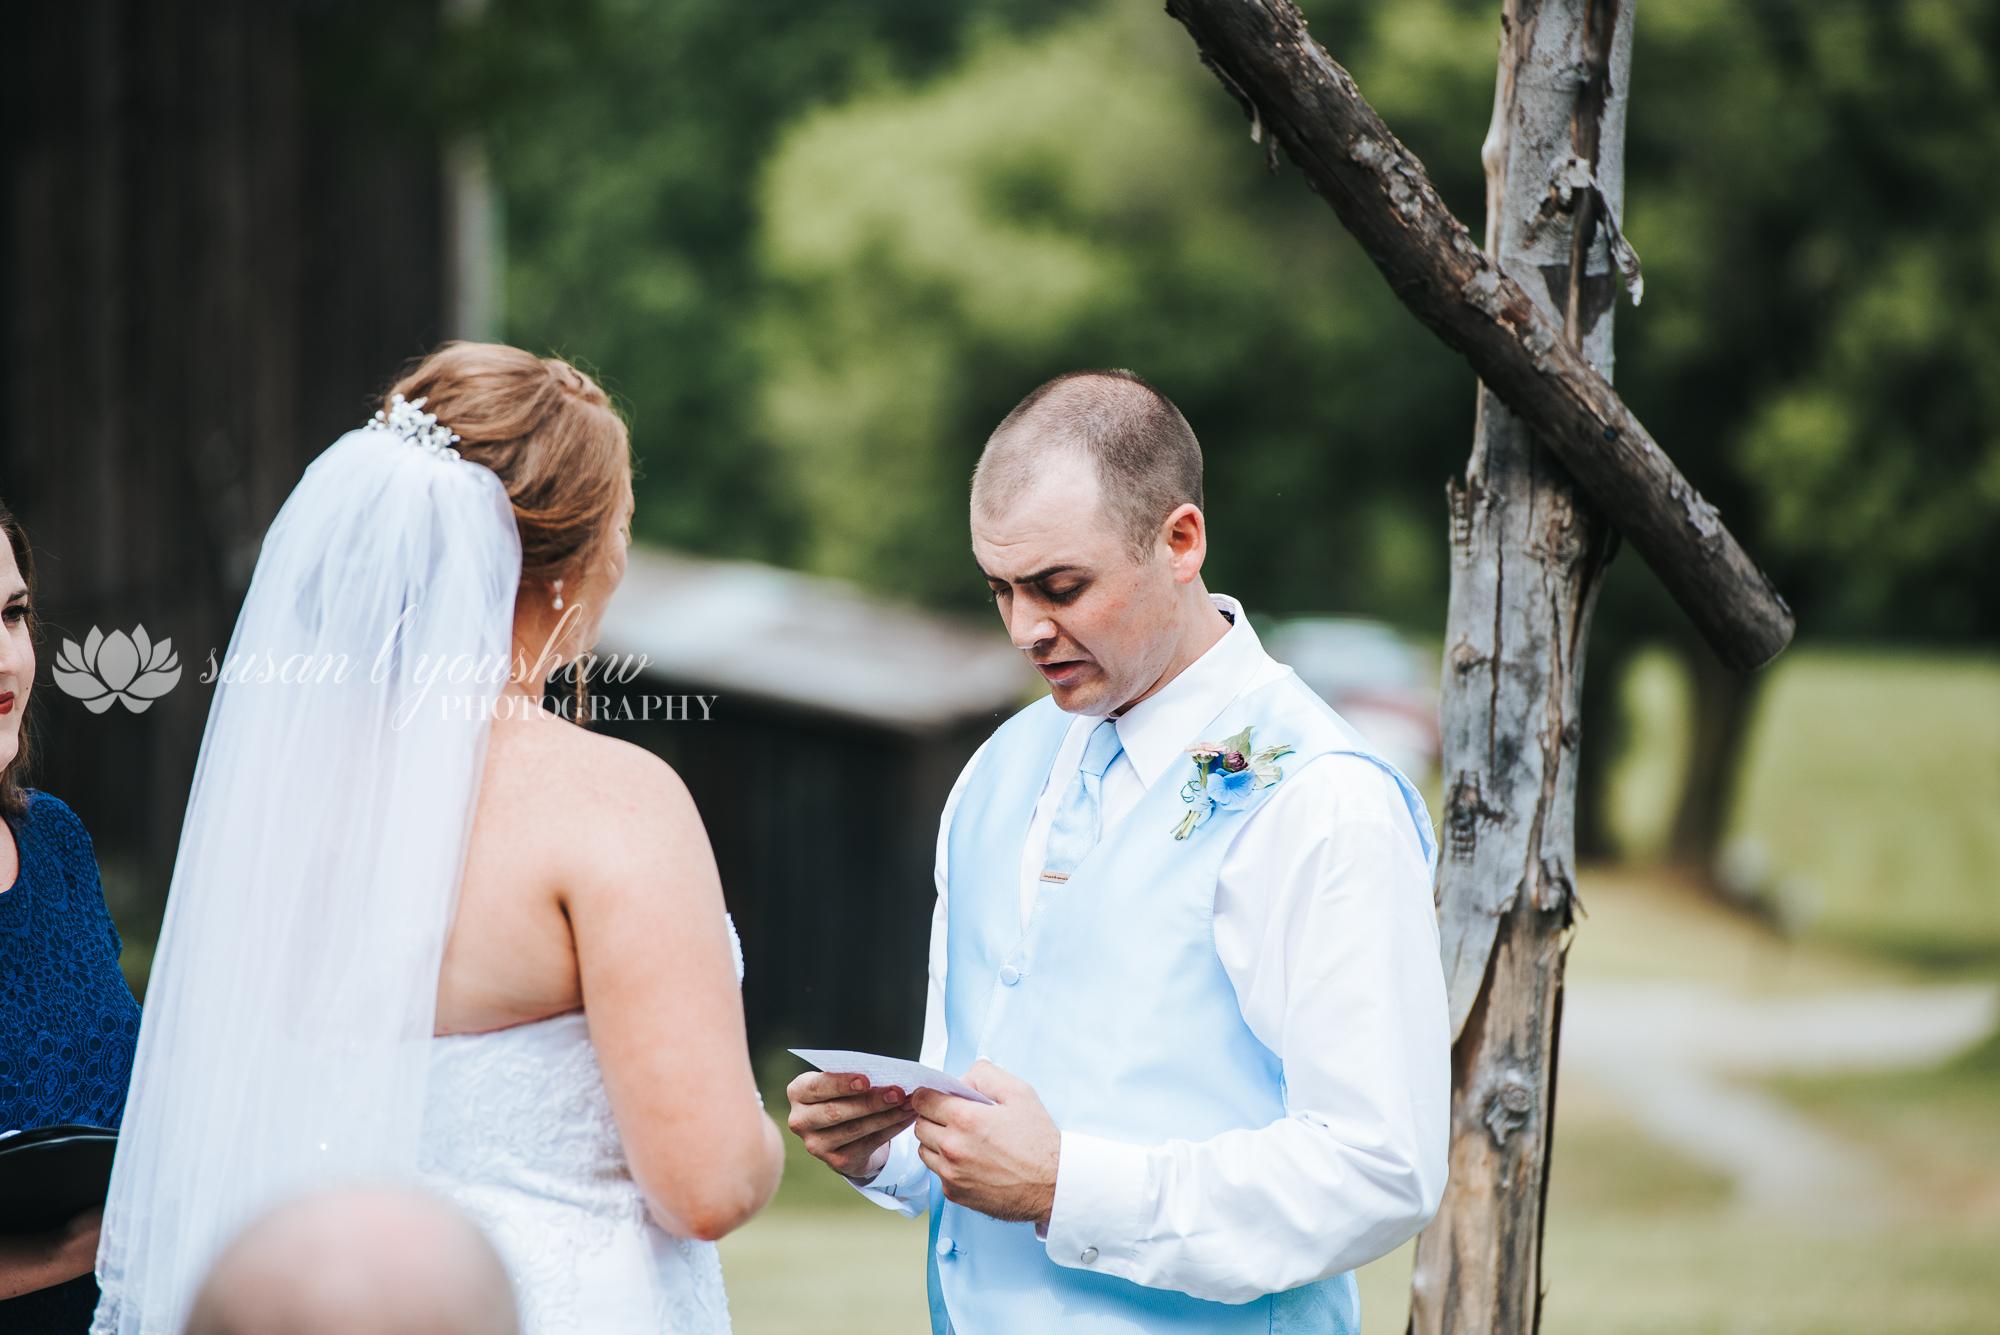 Erin and Jason Wedding Photos 07-06-2019 SLY Photography-99.jpg